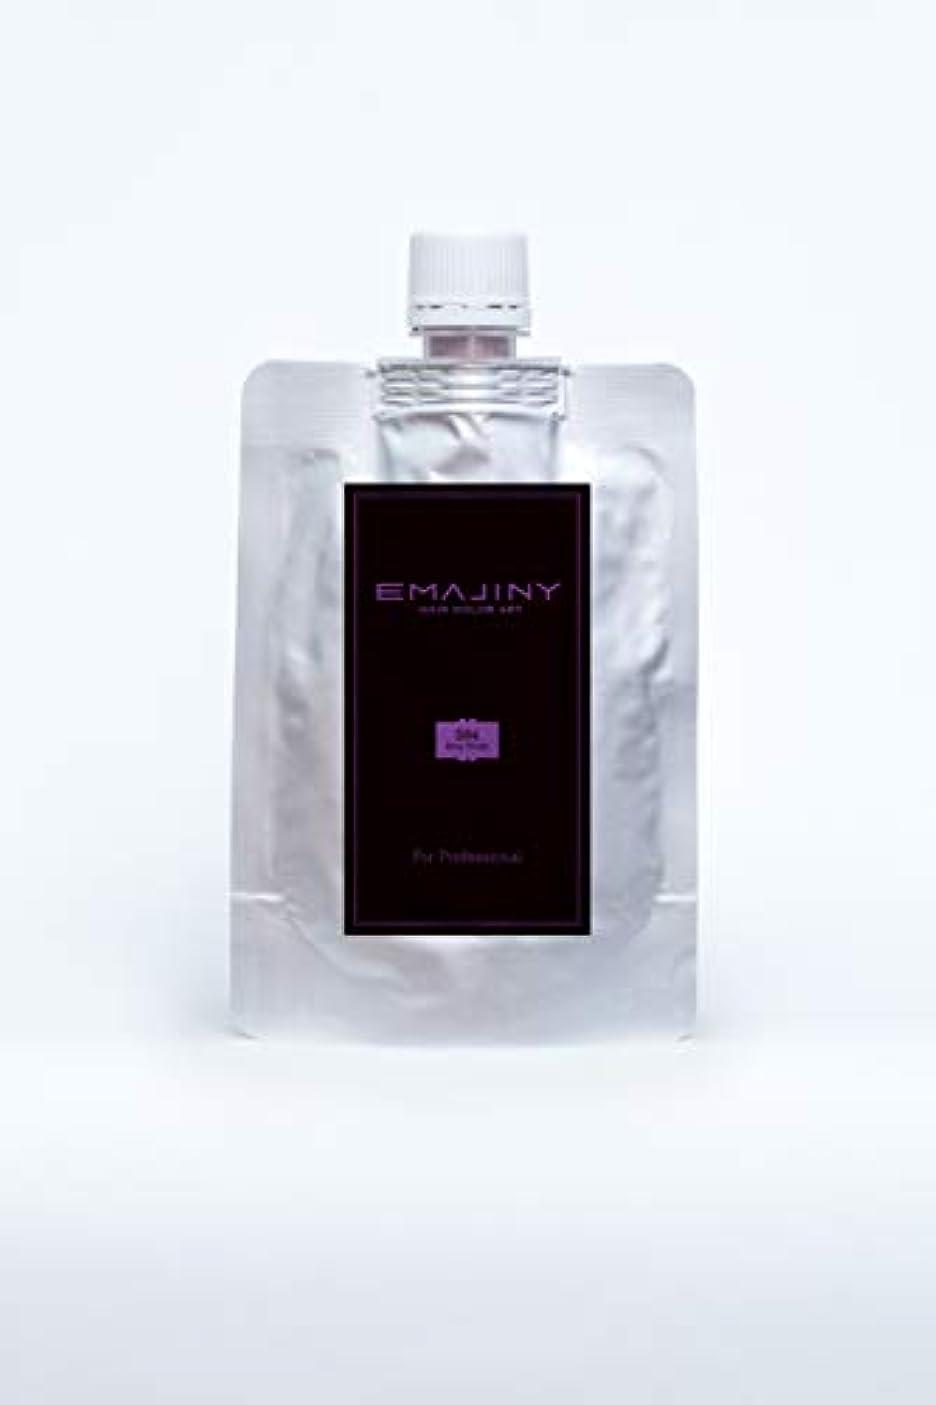 シュリンクパケット欠点【クリアランスセール50%OFF】 Sexy Violet S84(ヴァイオレットカラーワックス)ヴァイオレットプロフェッショナル100g大容量パック【日本製】【無香料】